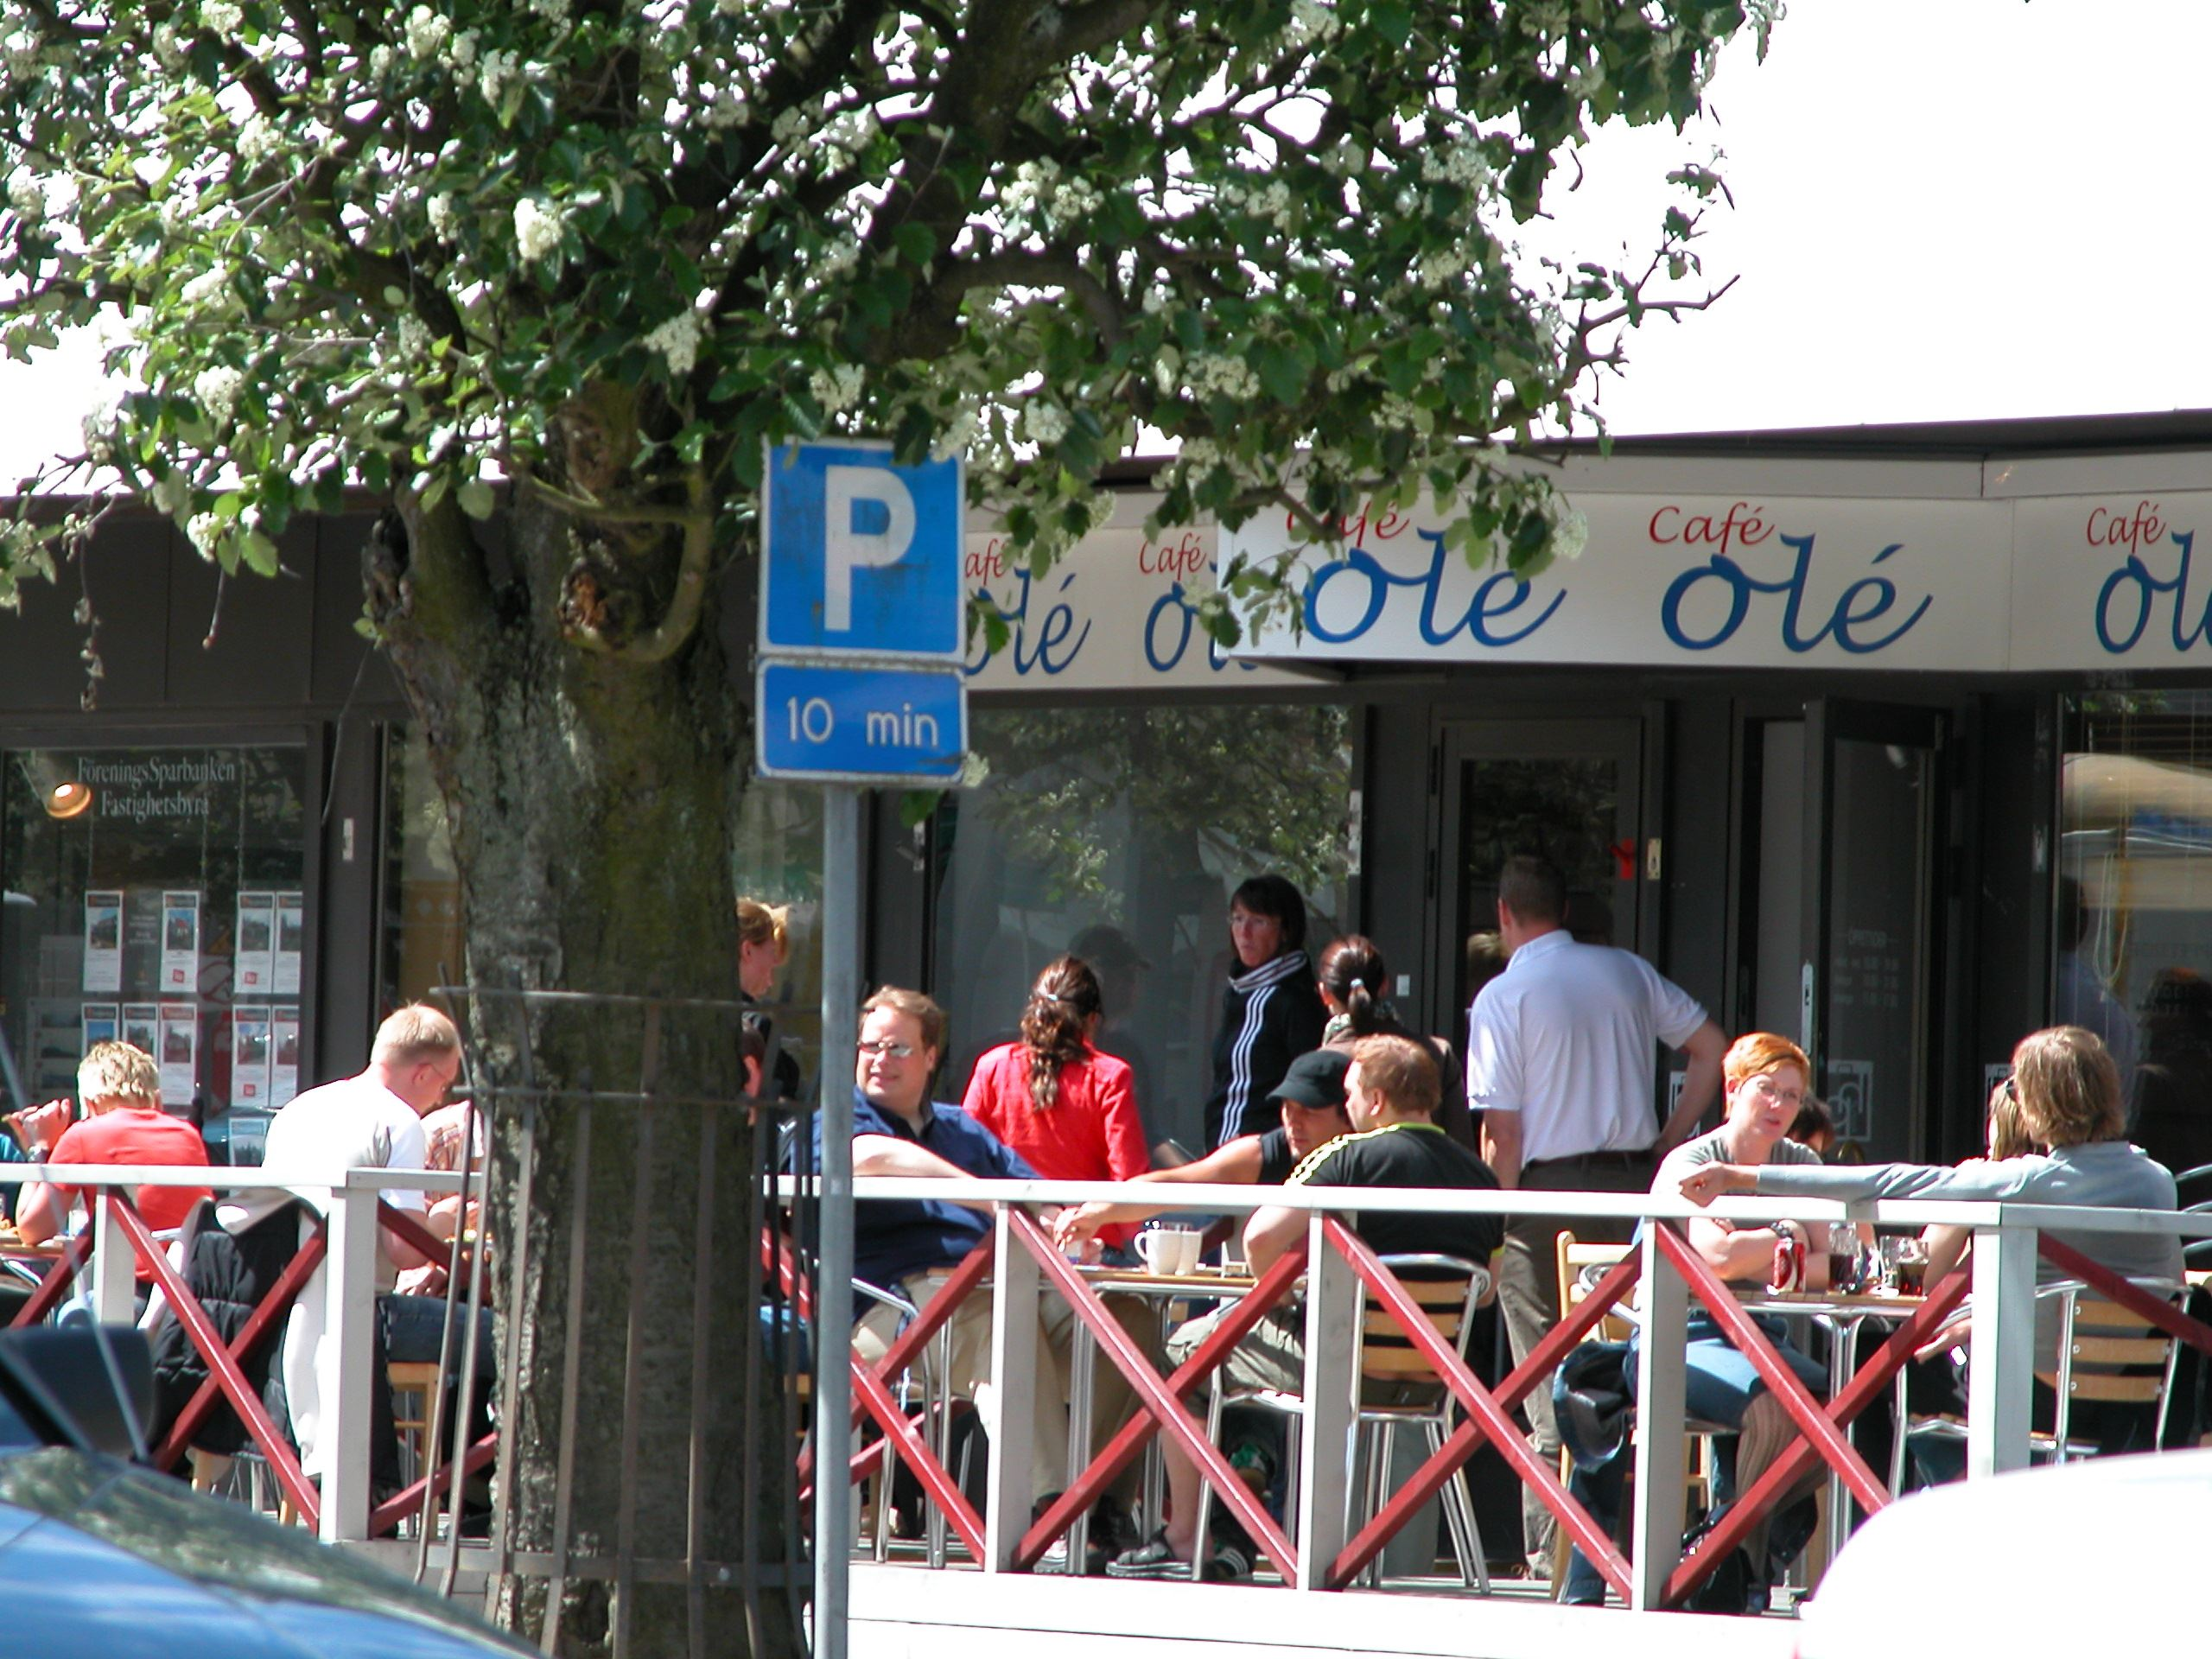 Café Olé